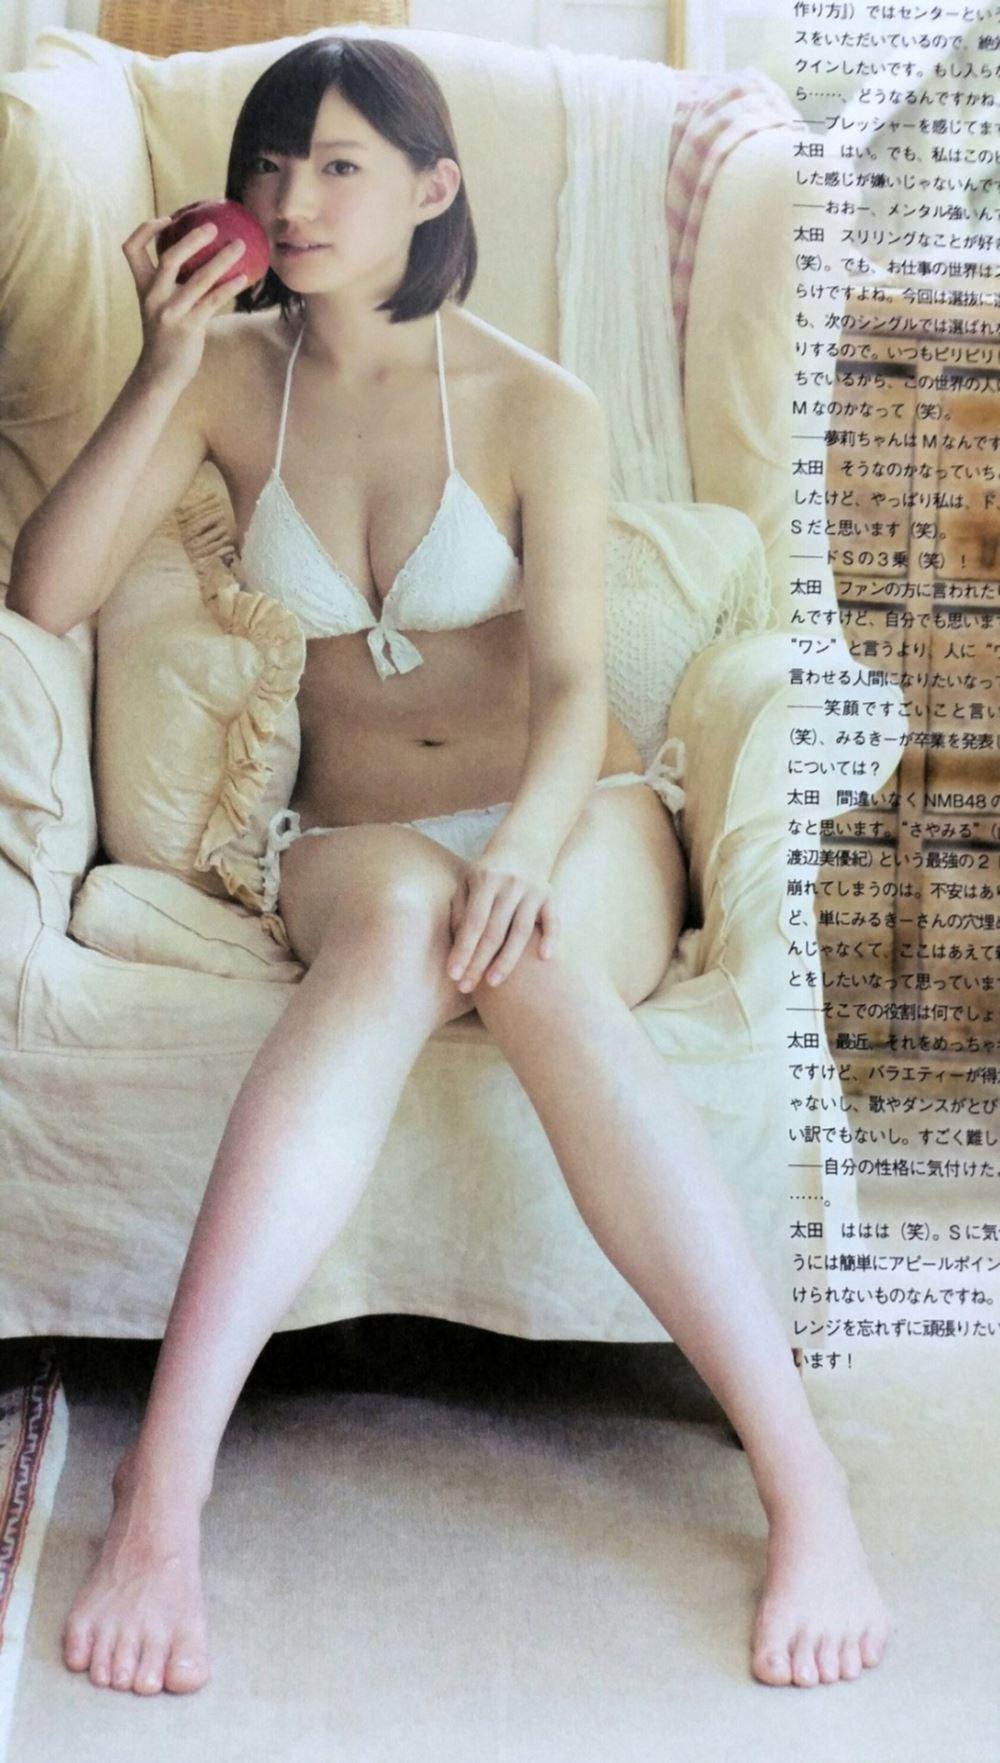 太田夢莉 1万年に1人 可愛い アイドル 水着 画像 49